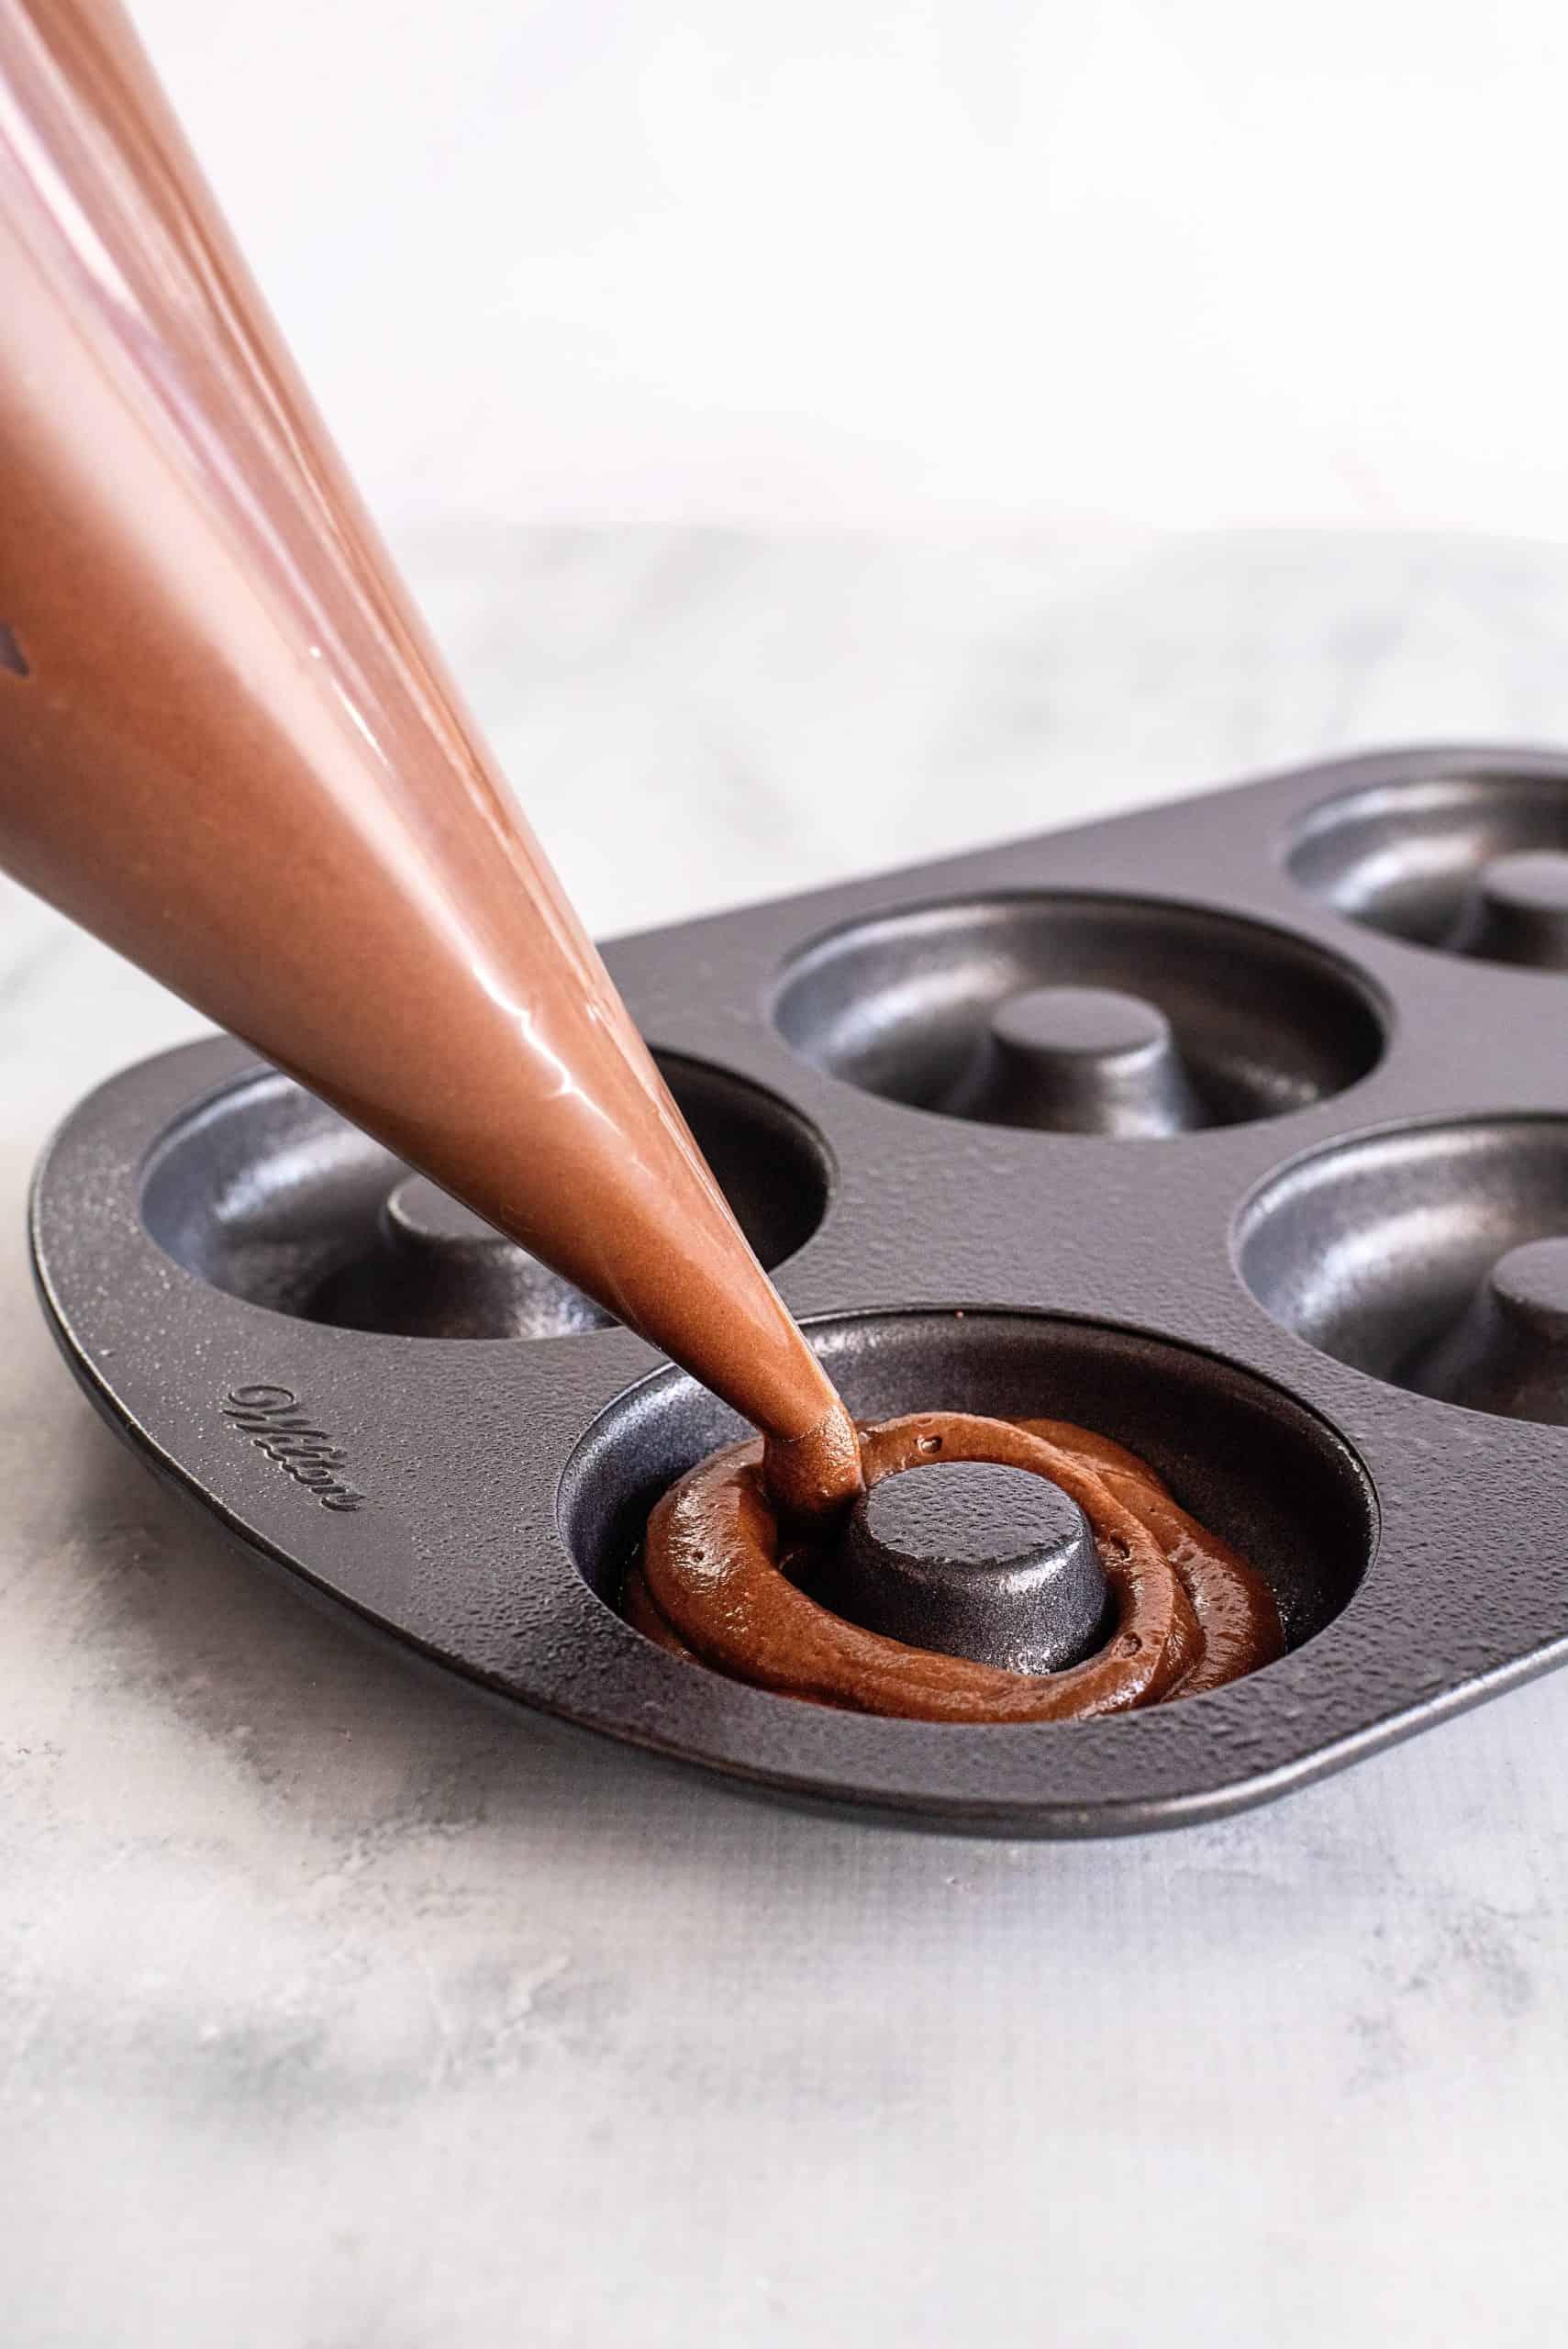 Piping bag piping donut batter into prepared donut pan